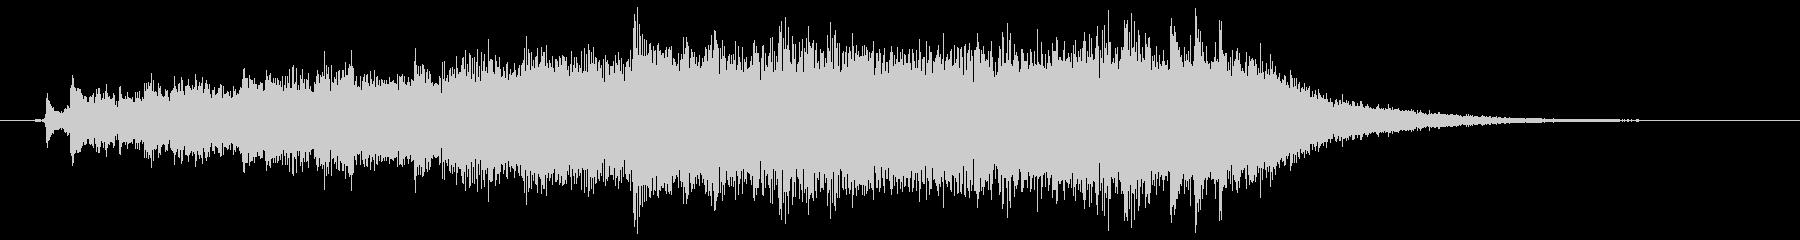 ピアノとストリングスの爽やかサウンドロゴの未再生の波形